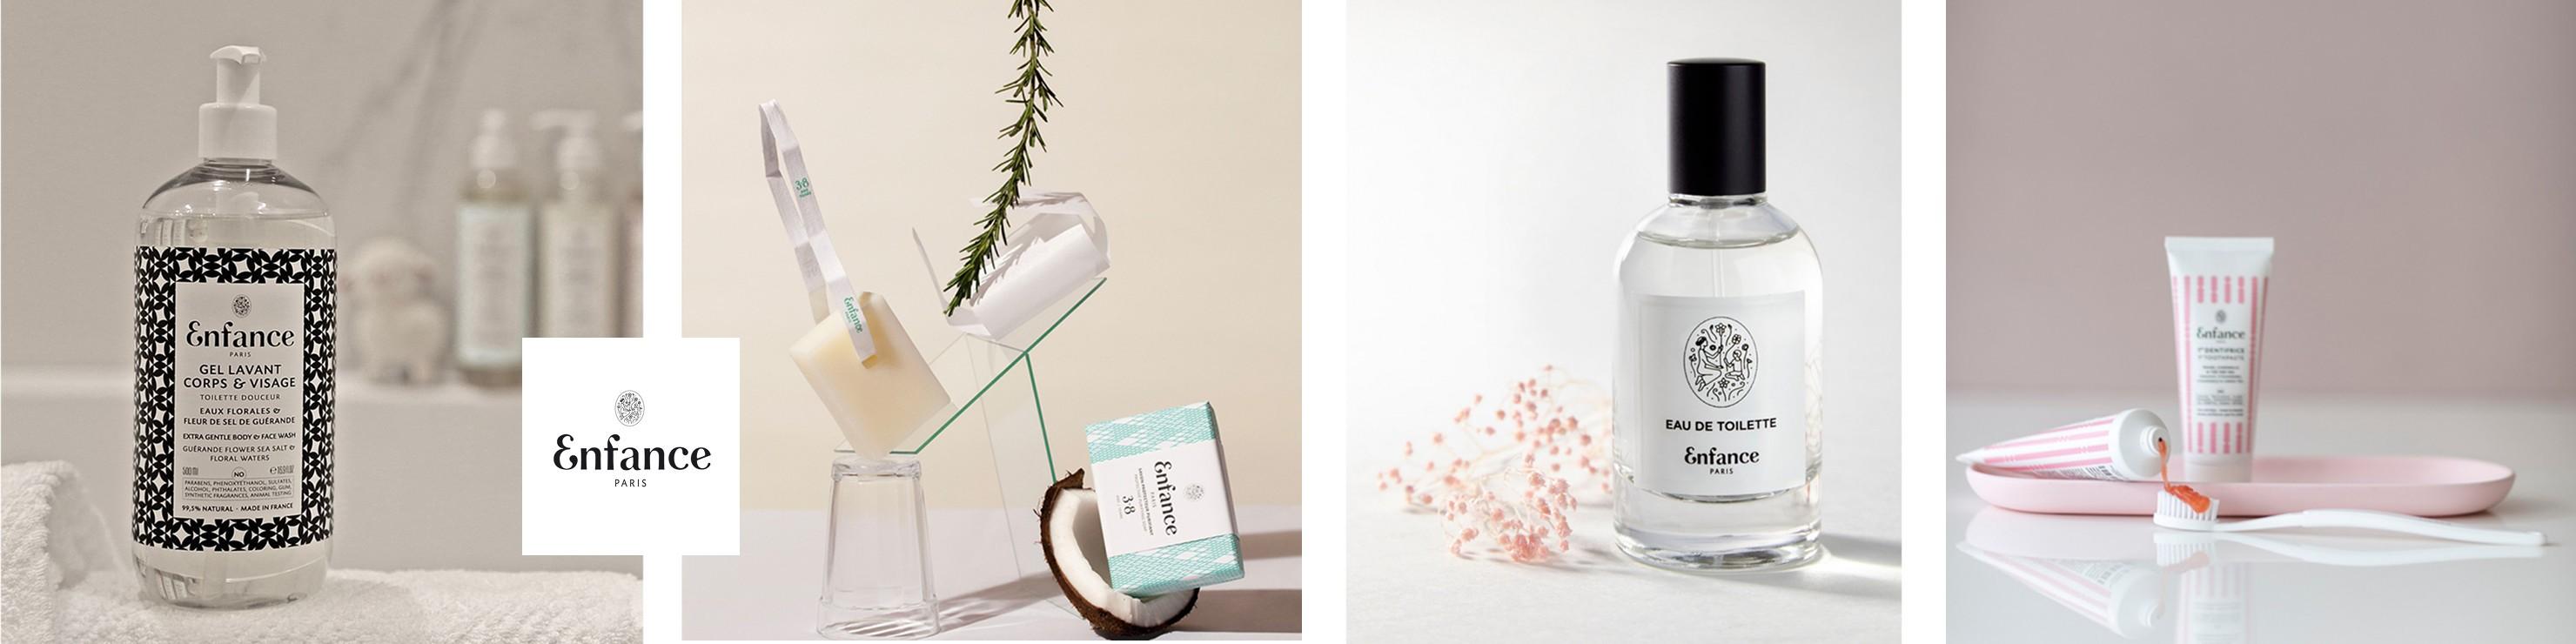 Les produits de soins naturels Enfance Paris : shampoing, savon, dentifrice, gel lavant et eau de toilette